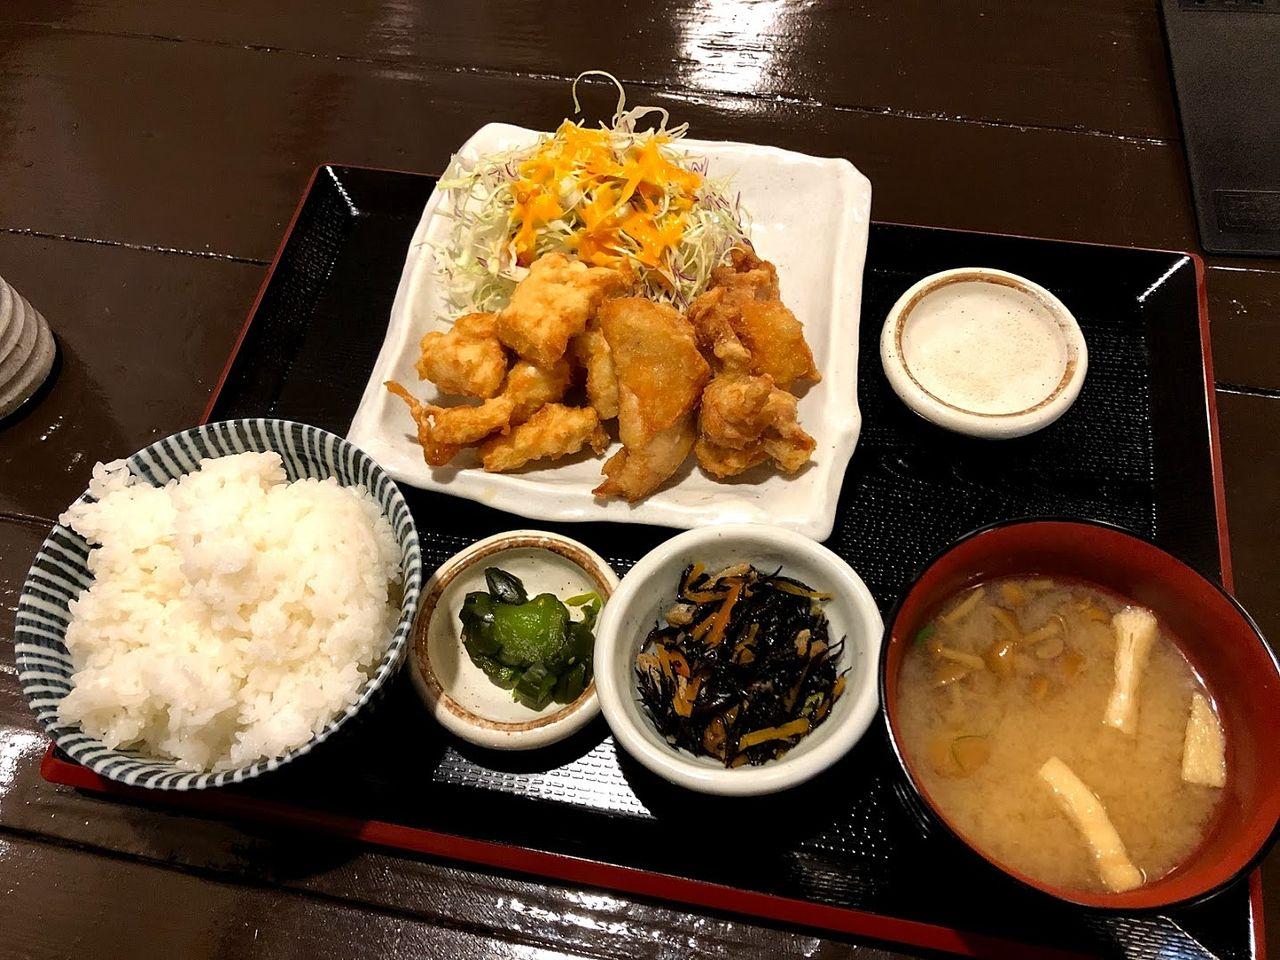 鶏唐揚げ定食 760円(税別)